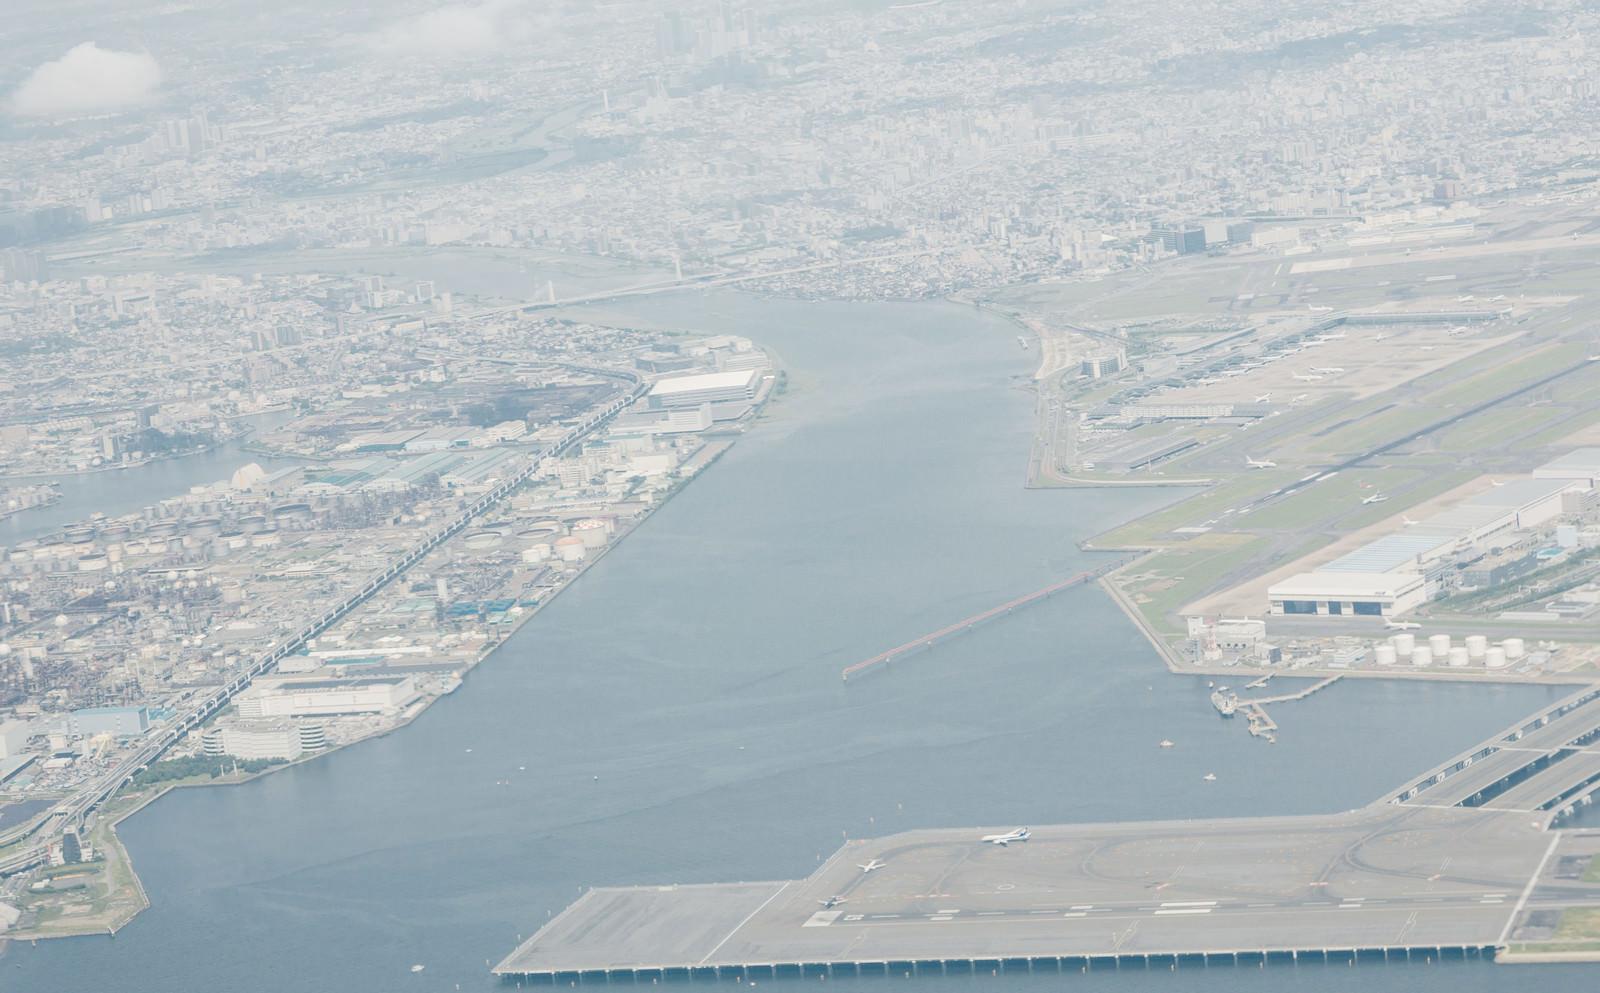 「羽田空港から離陸後の東京の様子」の写真